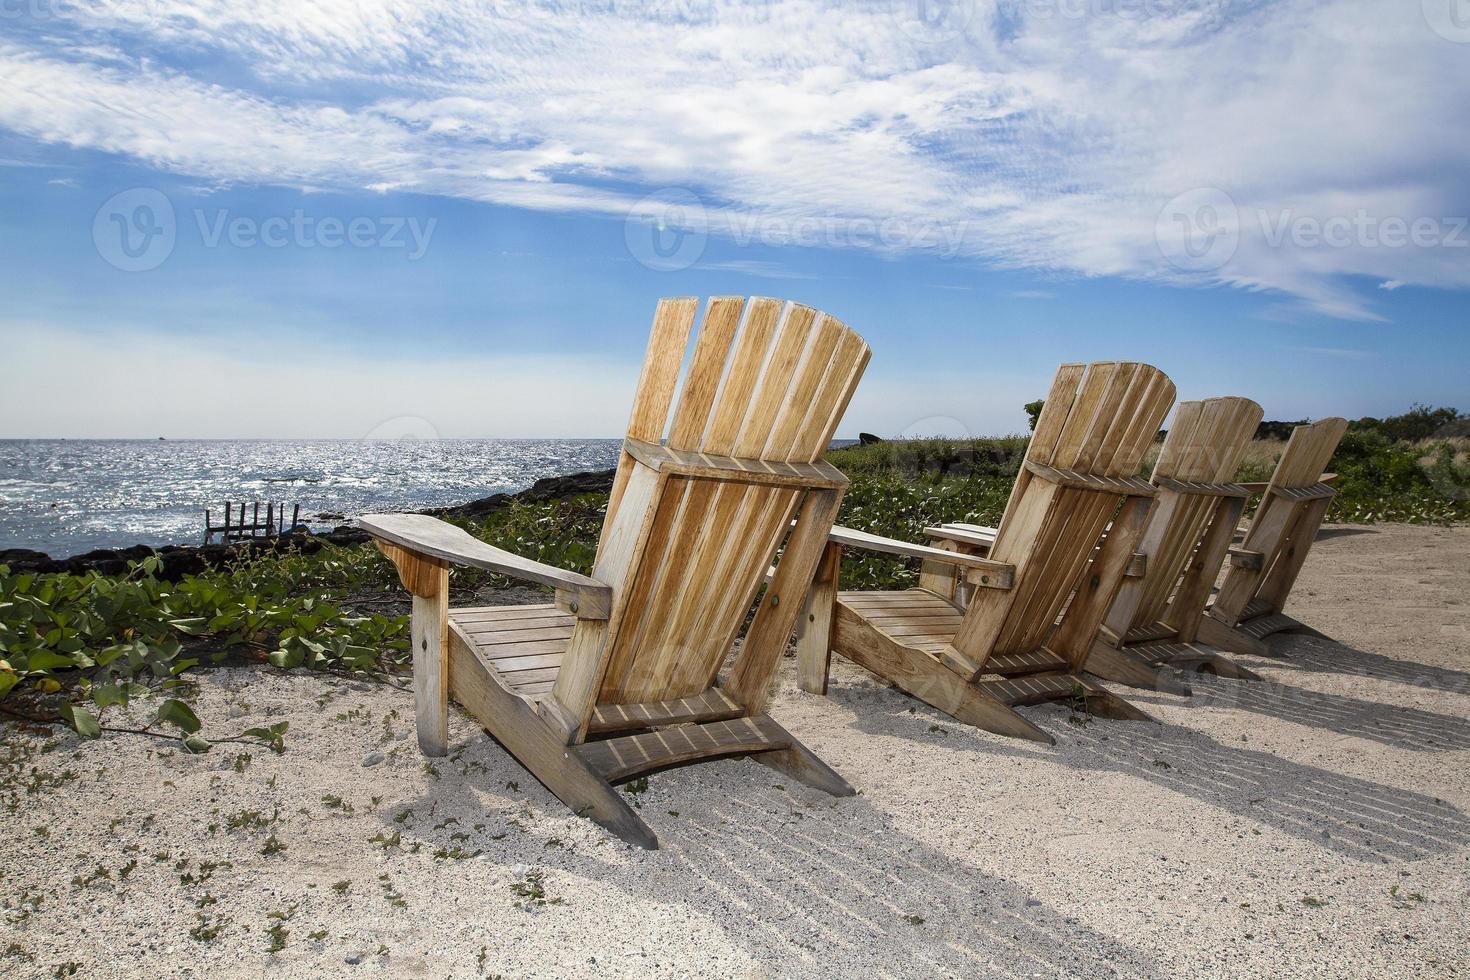 chaises adirondacks à la plage photo